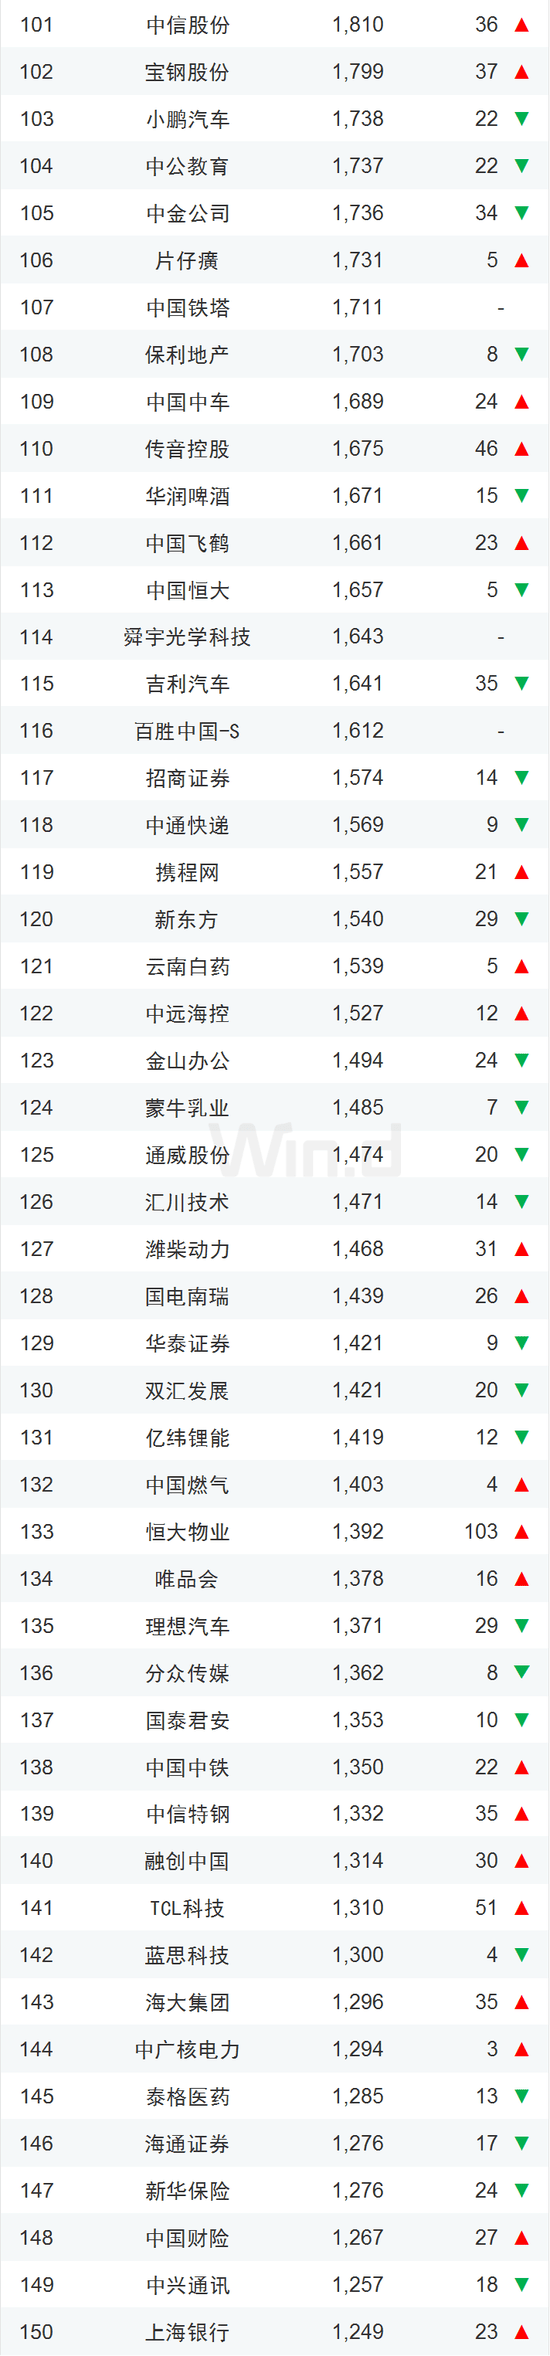 中国企业市值500强一览:腾讯阿里霸榜、茅台紧随其后的照片 - 4